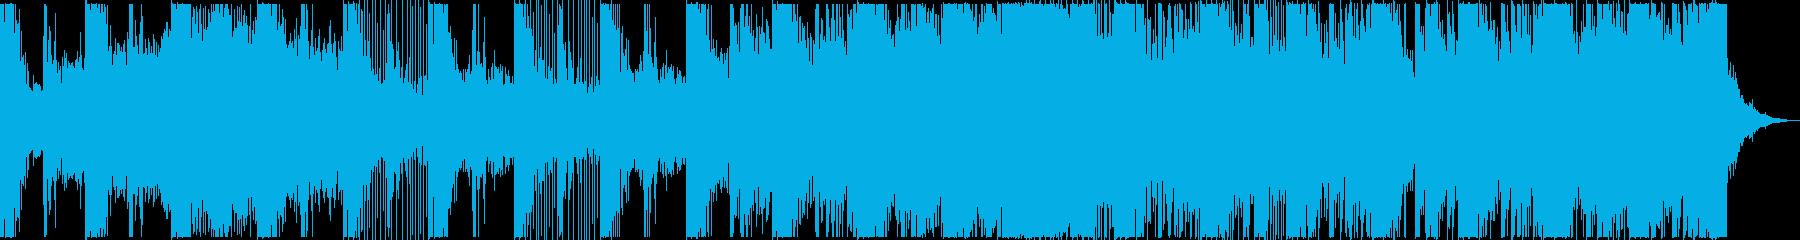 ダイナミックで盛大なメロディーの再生済みの波形